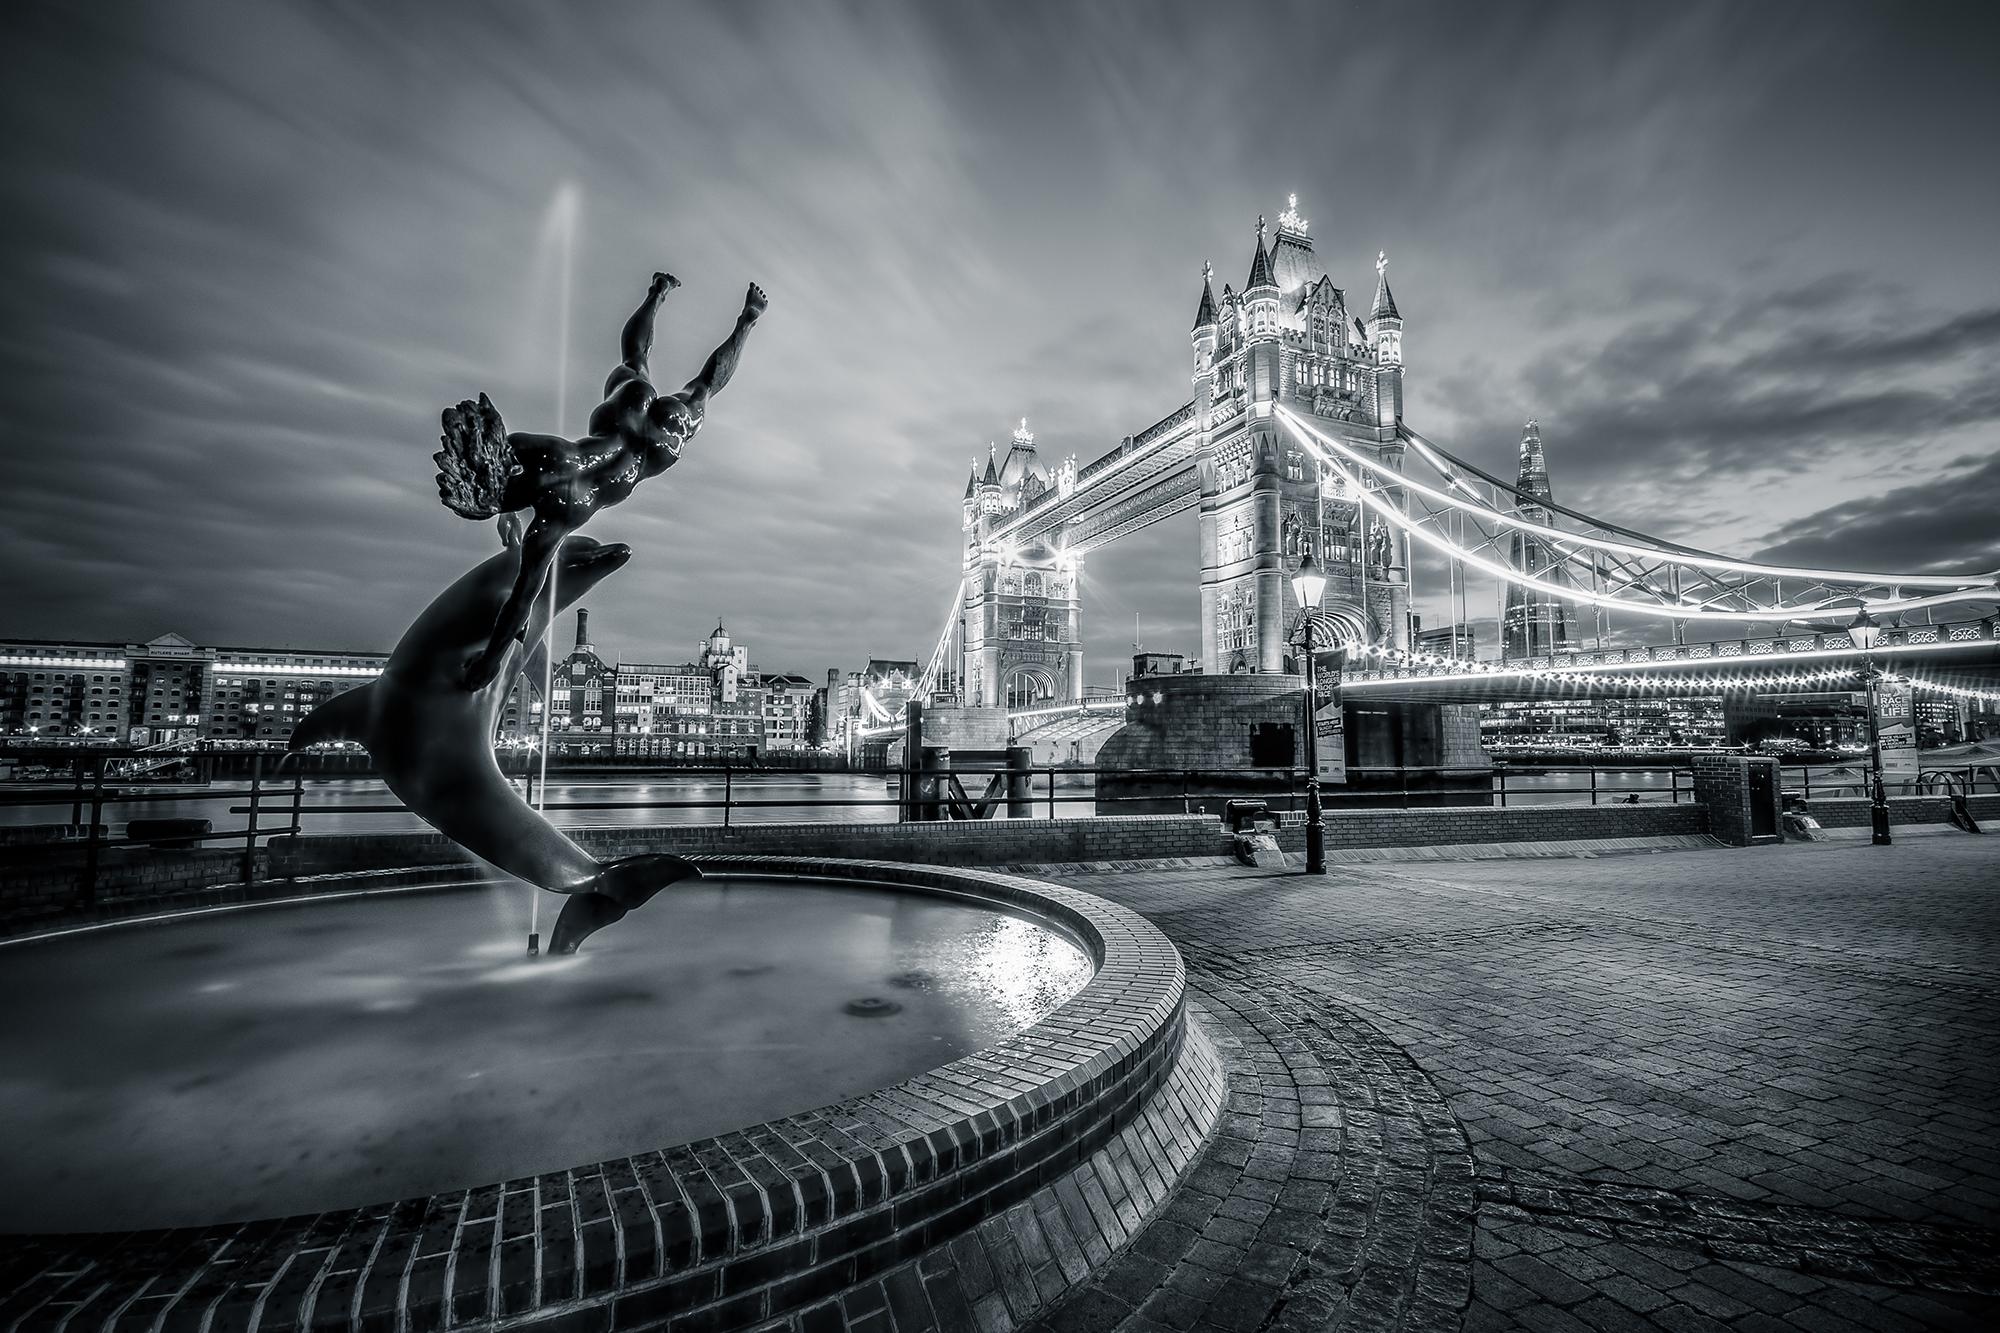 130810 - London - BW - Tower Bridge 001.jpg